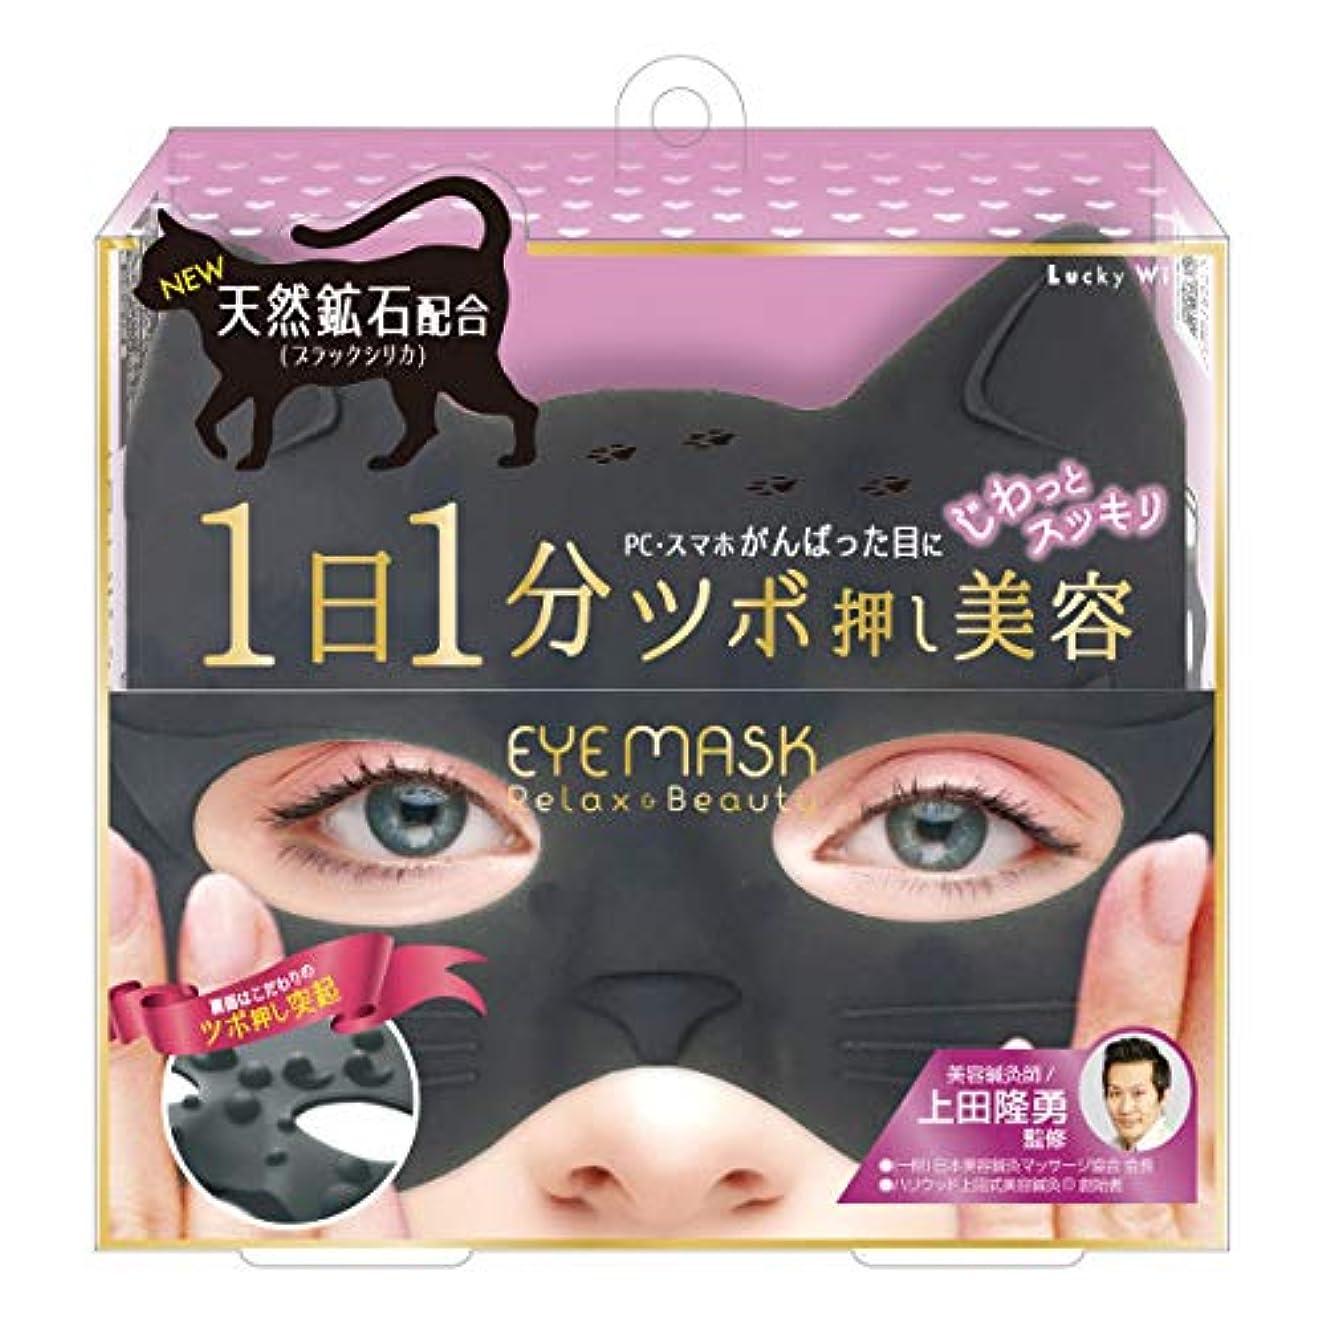 虚弱深く染色ツボ押し美容 目まわりすっきりアイマスク(ブラックシリカ) SMK1000